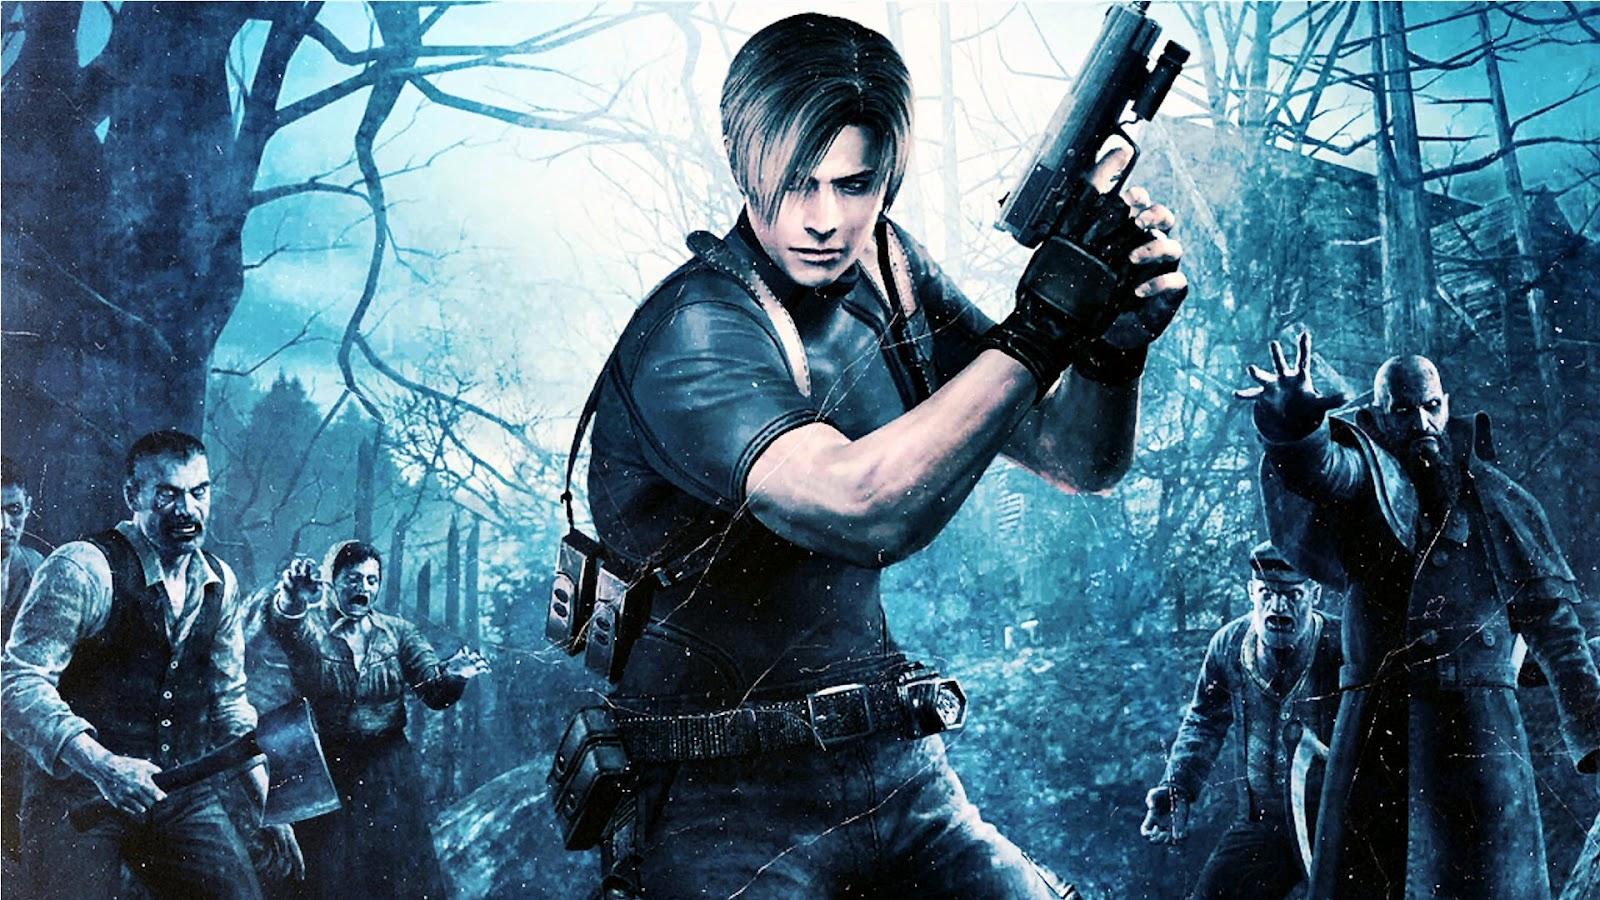 Download - Resident evil 4 V1.1 apk   Androids Ligados apk gratis